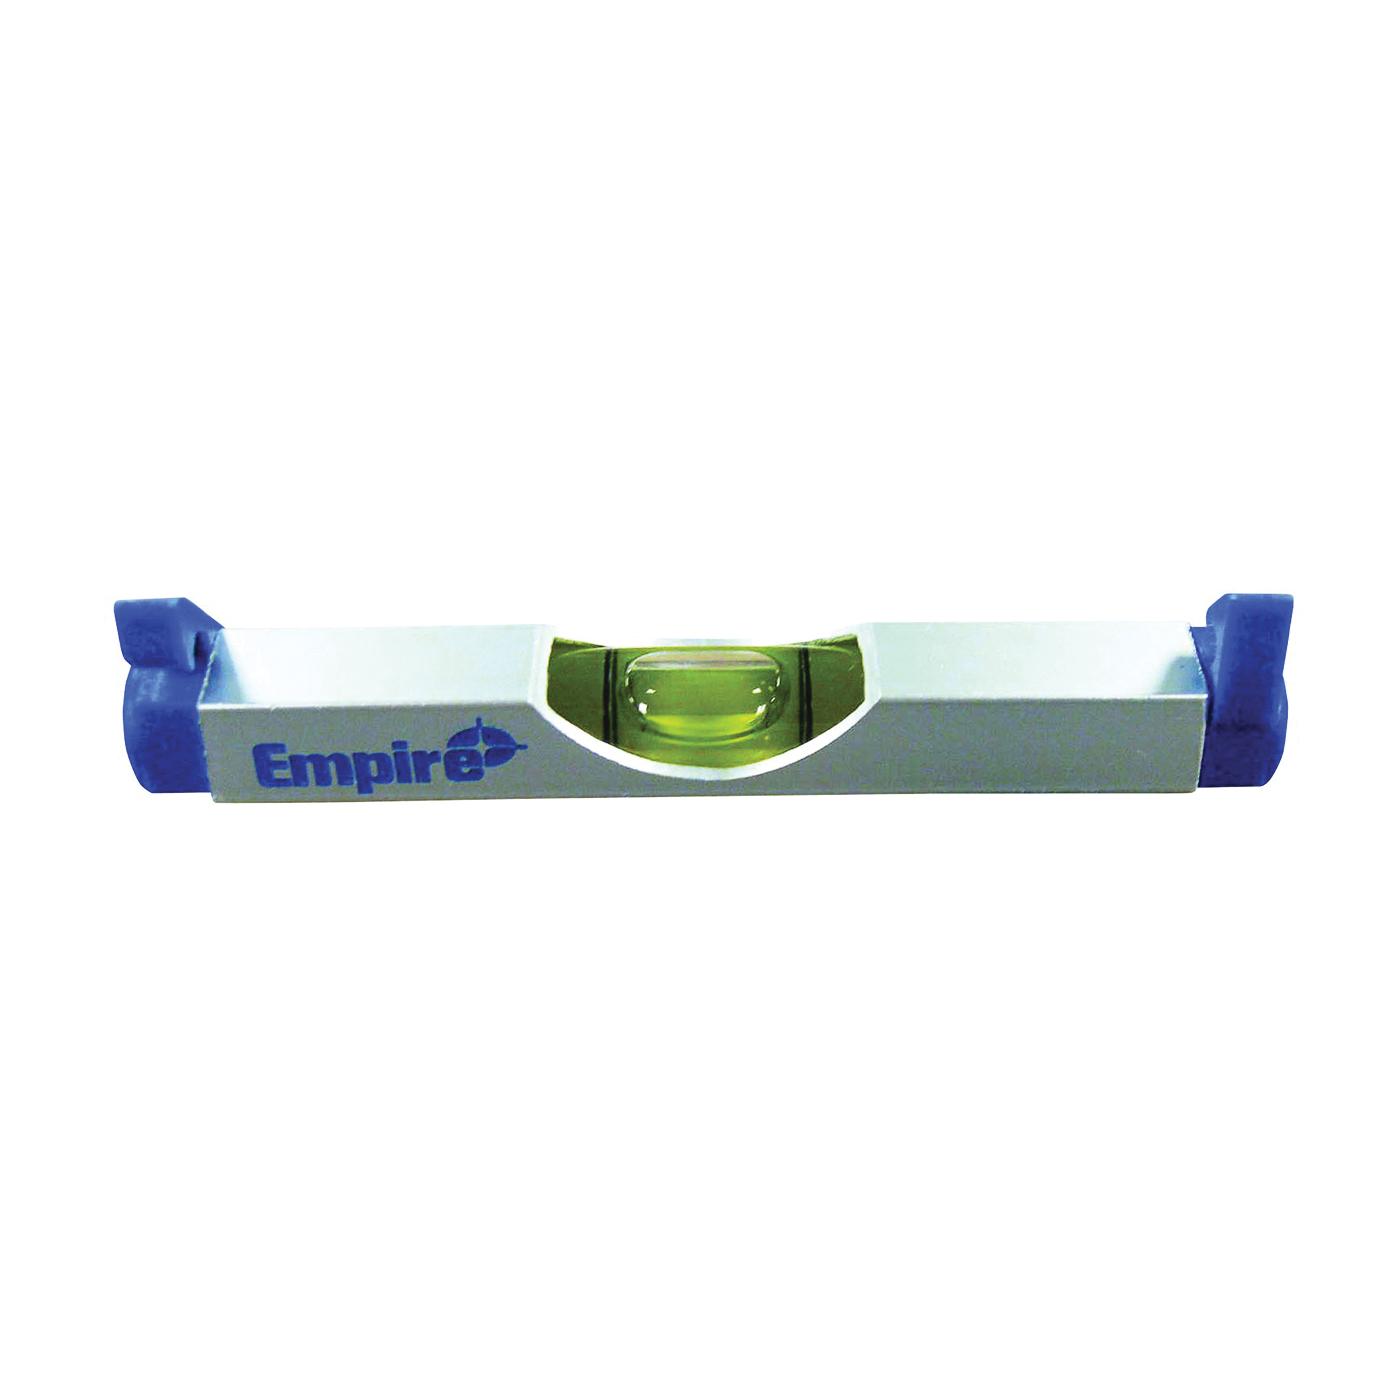 Picture of Empire 93-3 Line Level, 3 in L, 1 -Vial, Aluminum